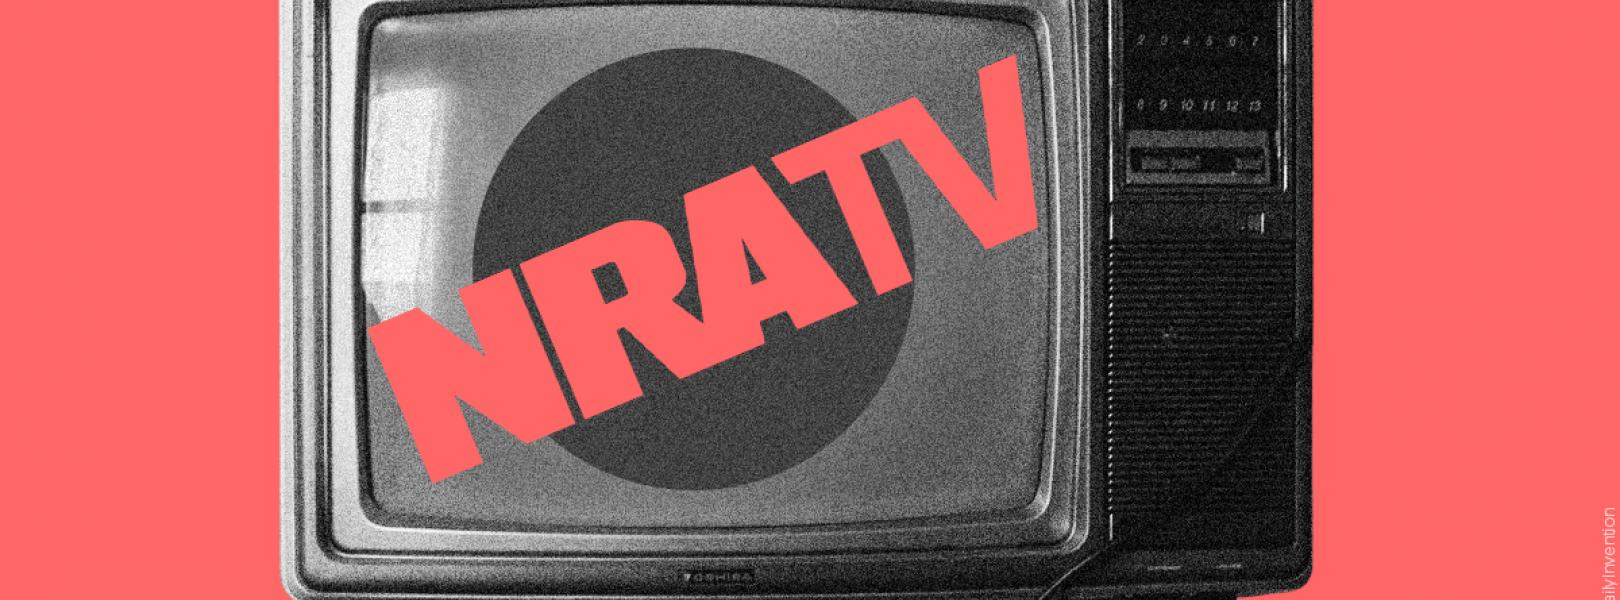 NRATV-NRA-Turmoil-Mounts.png